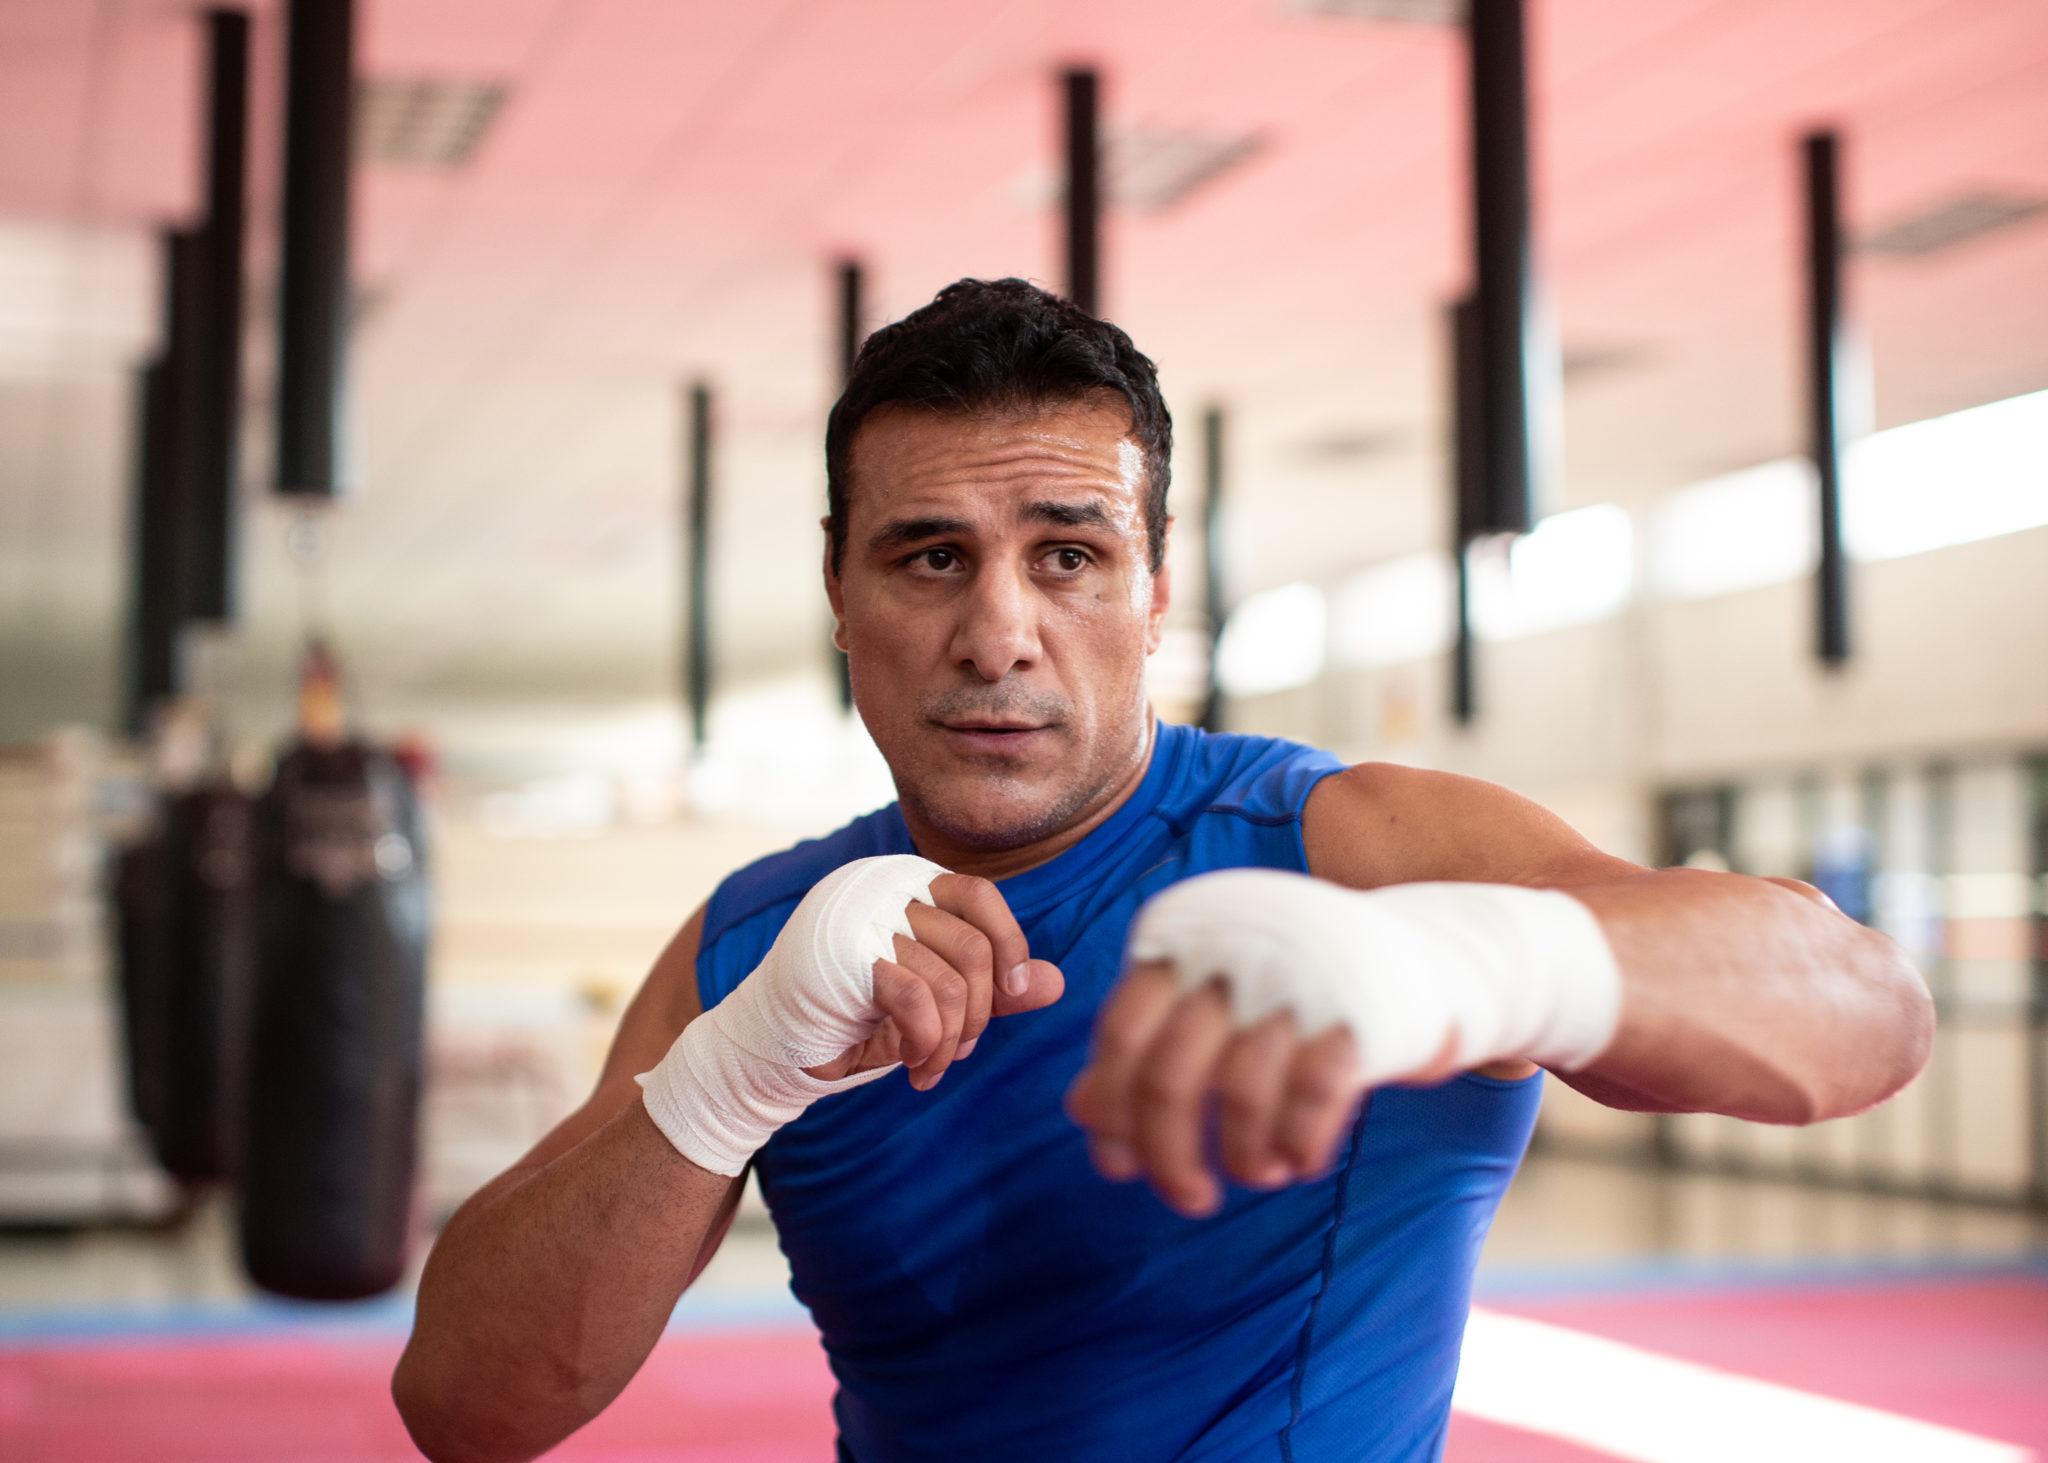 Ricardo Rodriguez (luptător) - Ricardo Rodriguez (wrestler) - olly.ro